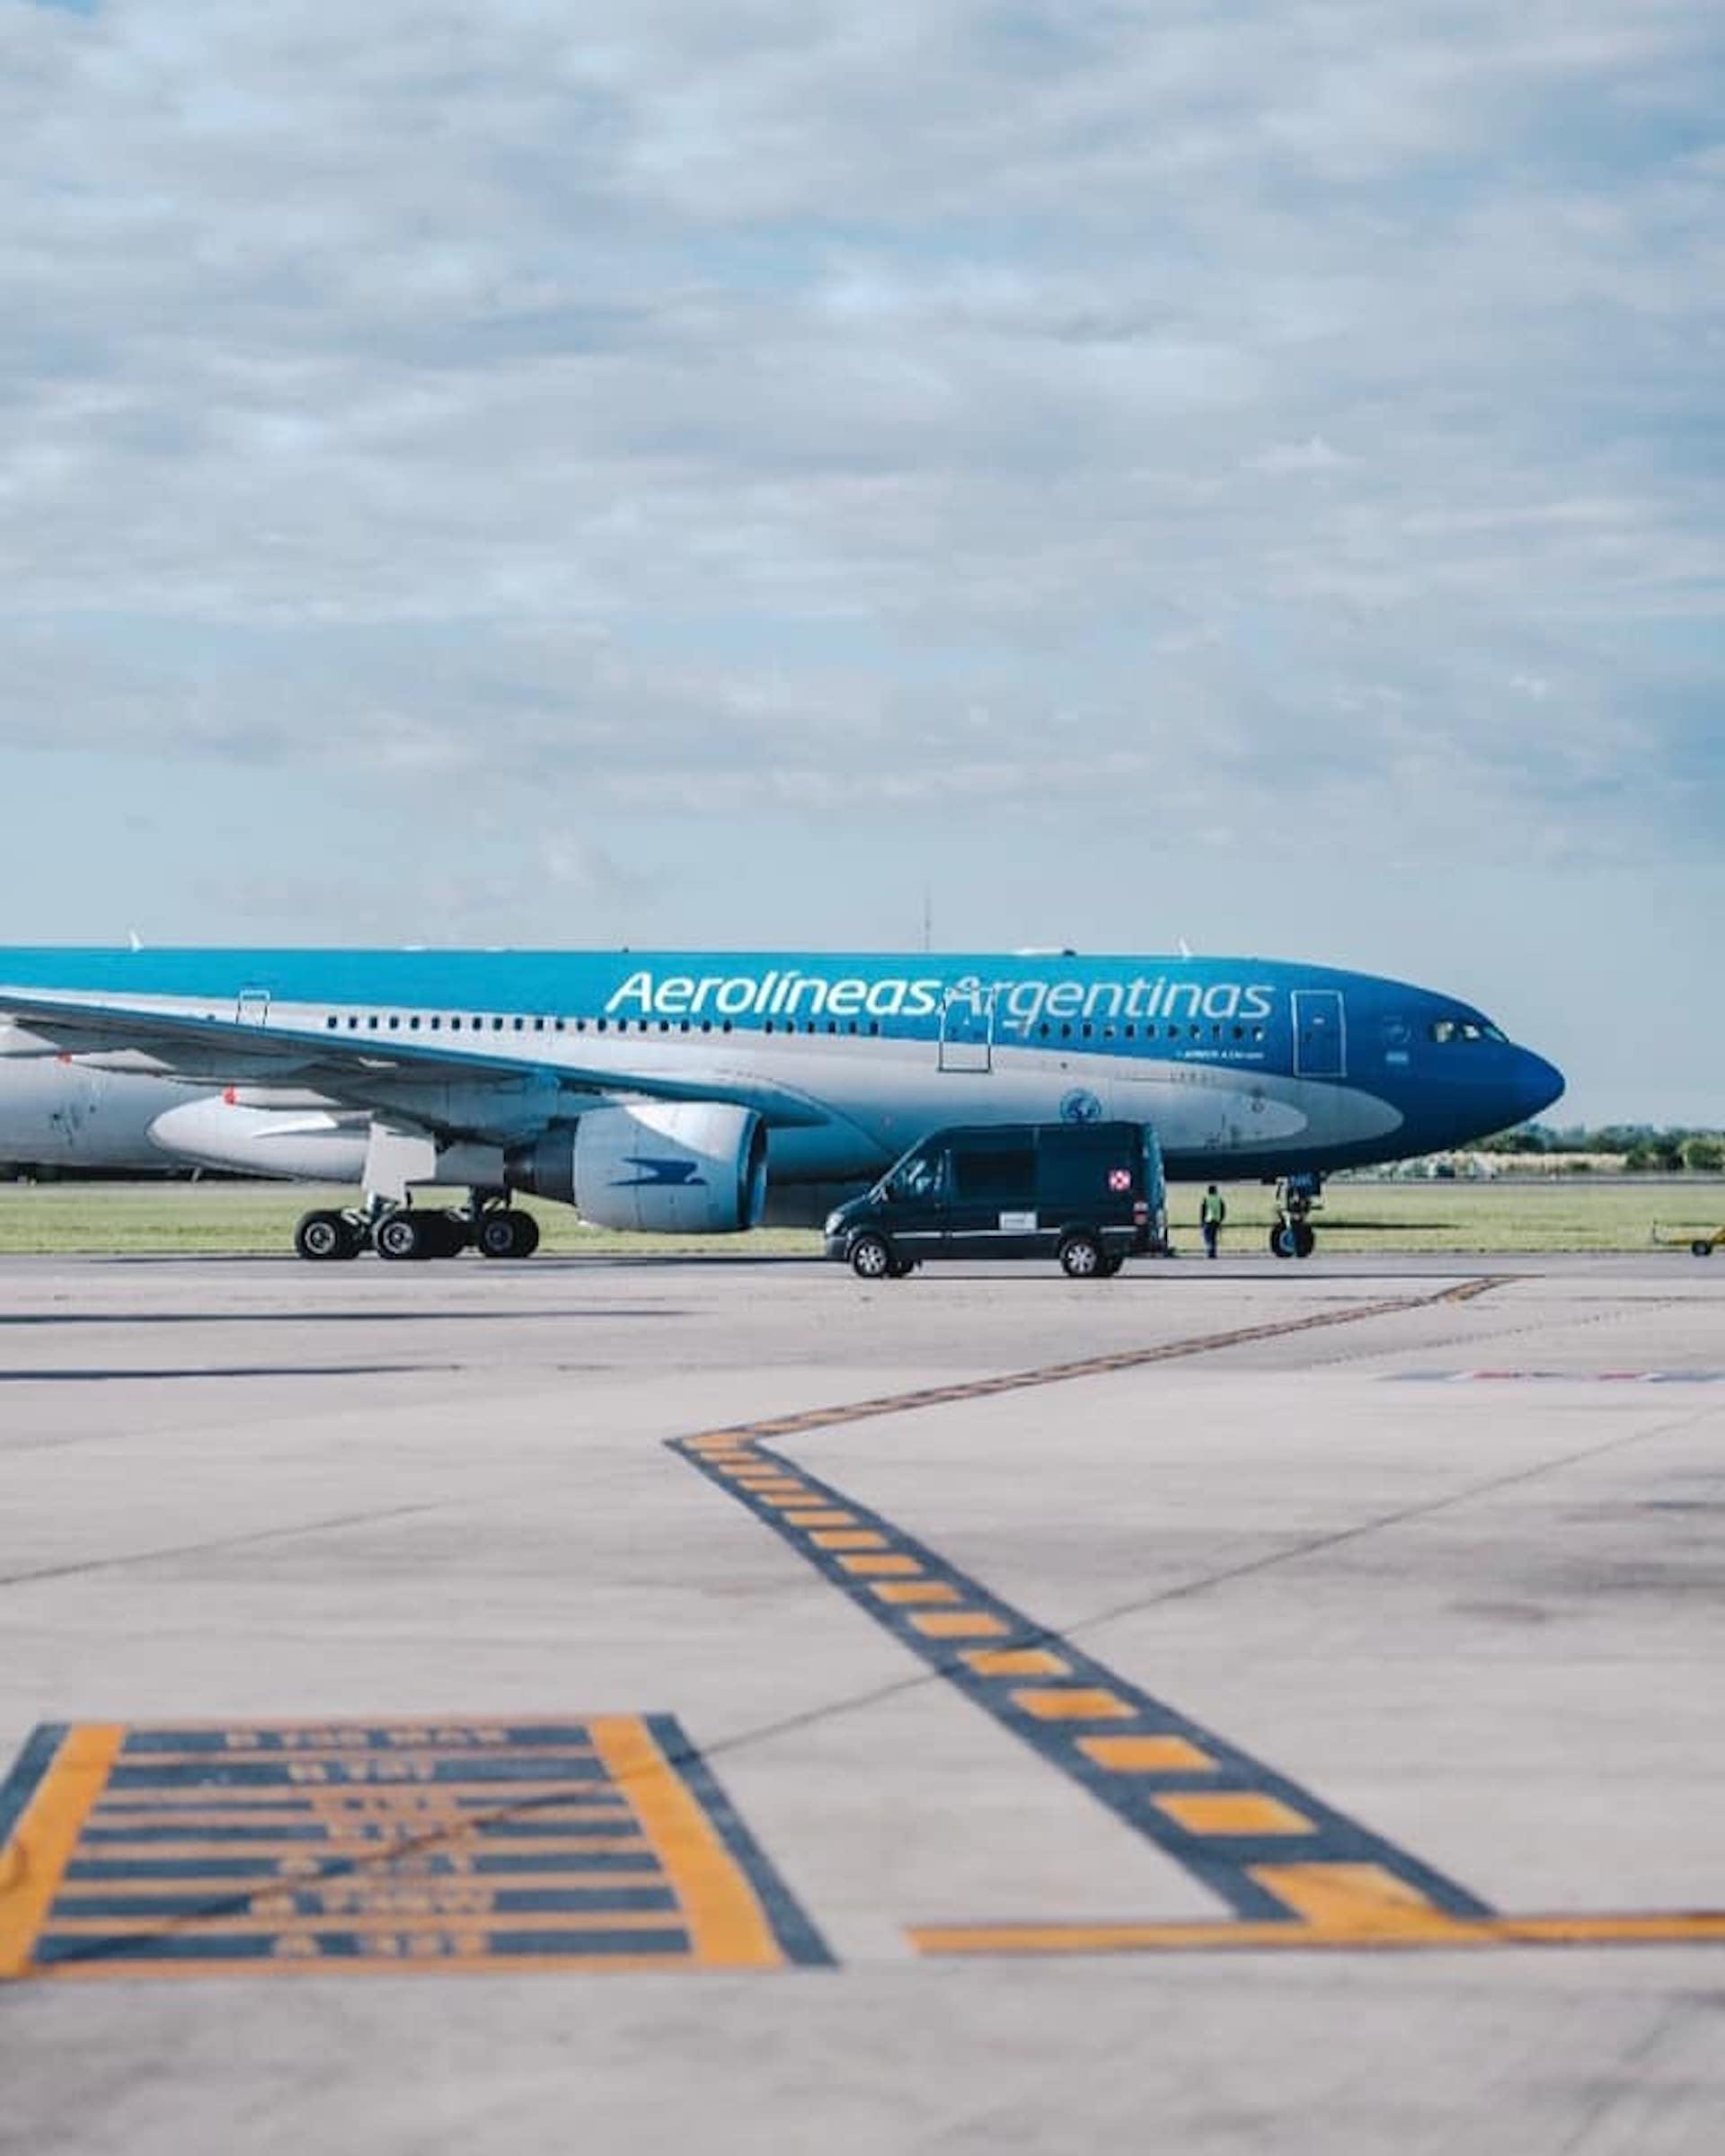 ¿Qué pasa con Aerolíneas Plus el programa de Aerolíneas Argentinas?